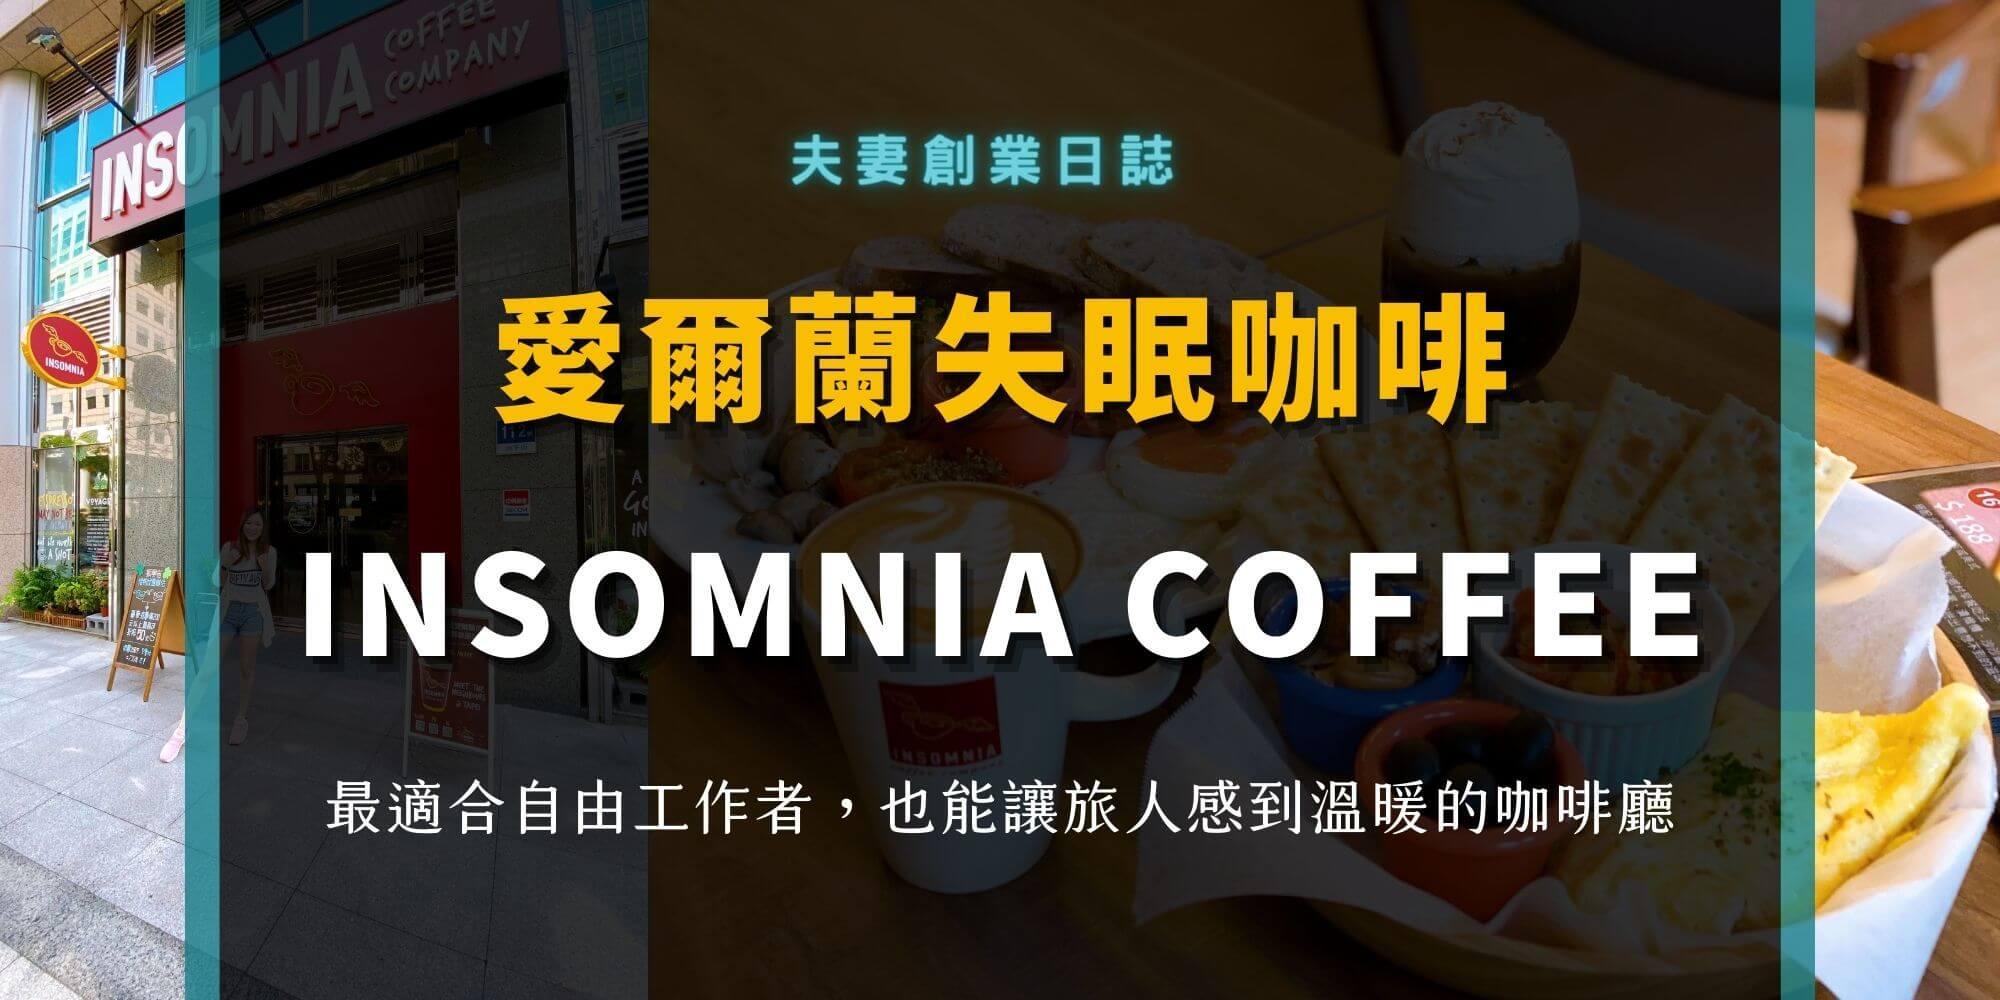 自由工作者的咖啡廳!愛爾蘭失眠咖啡- lnsomnia Coffee